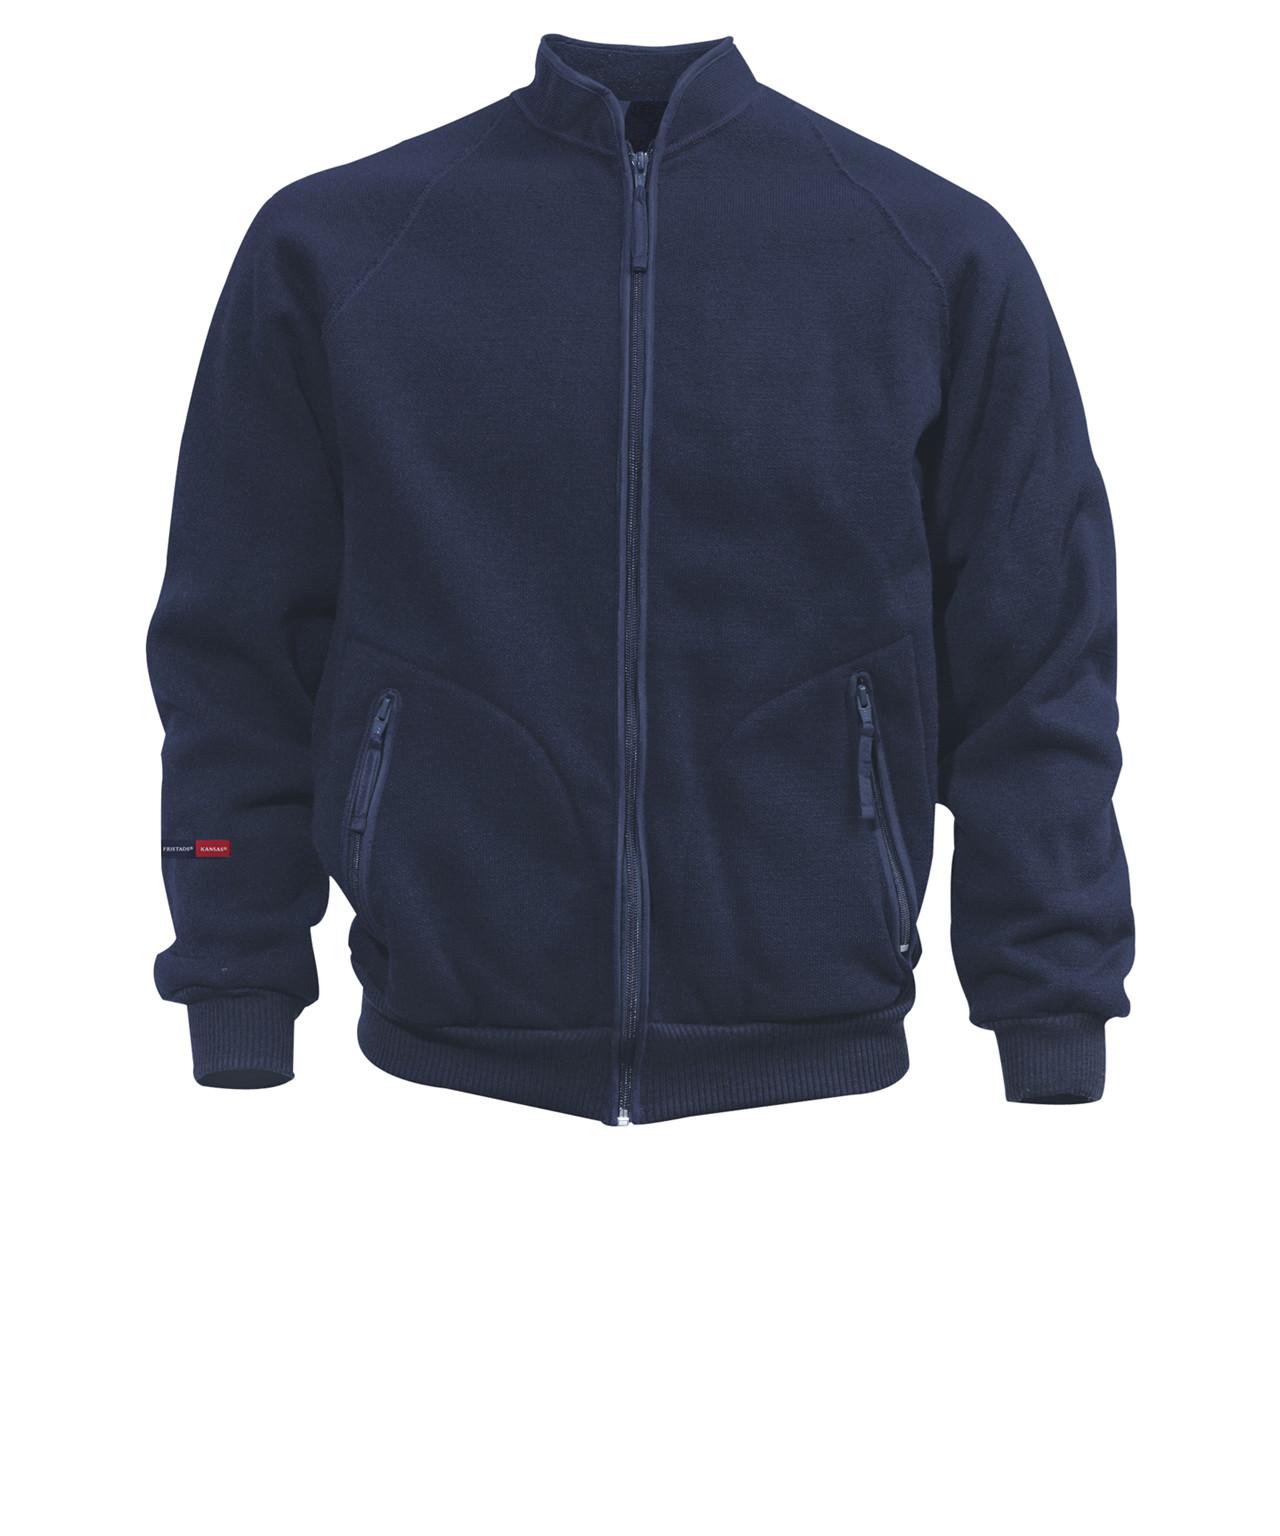 3132bc2cf02 Kansas Crafts jakke med fiberpels